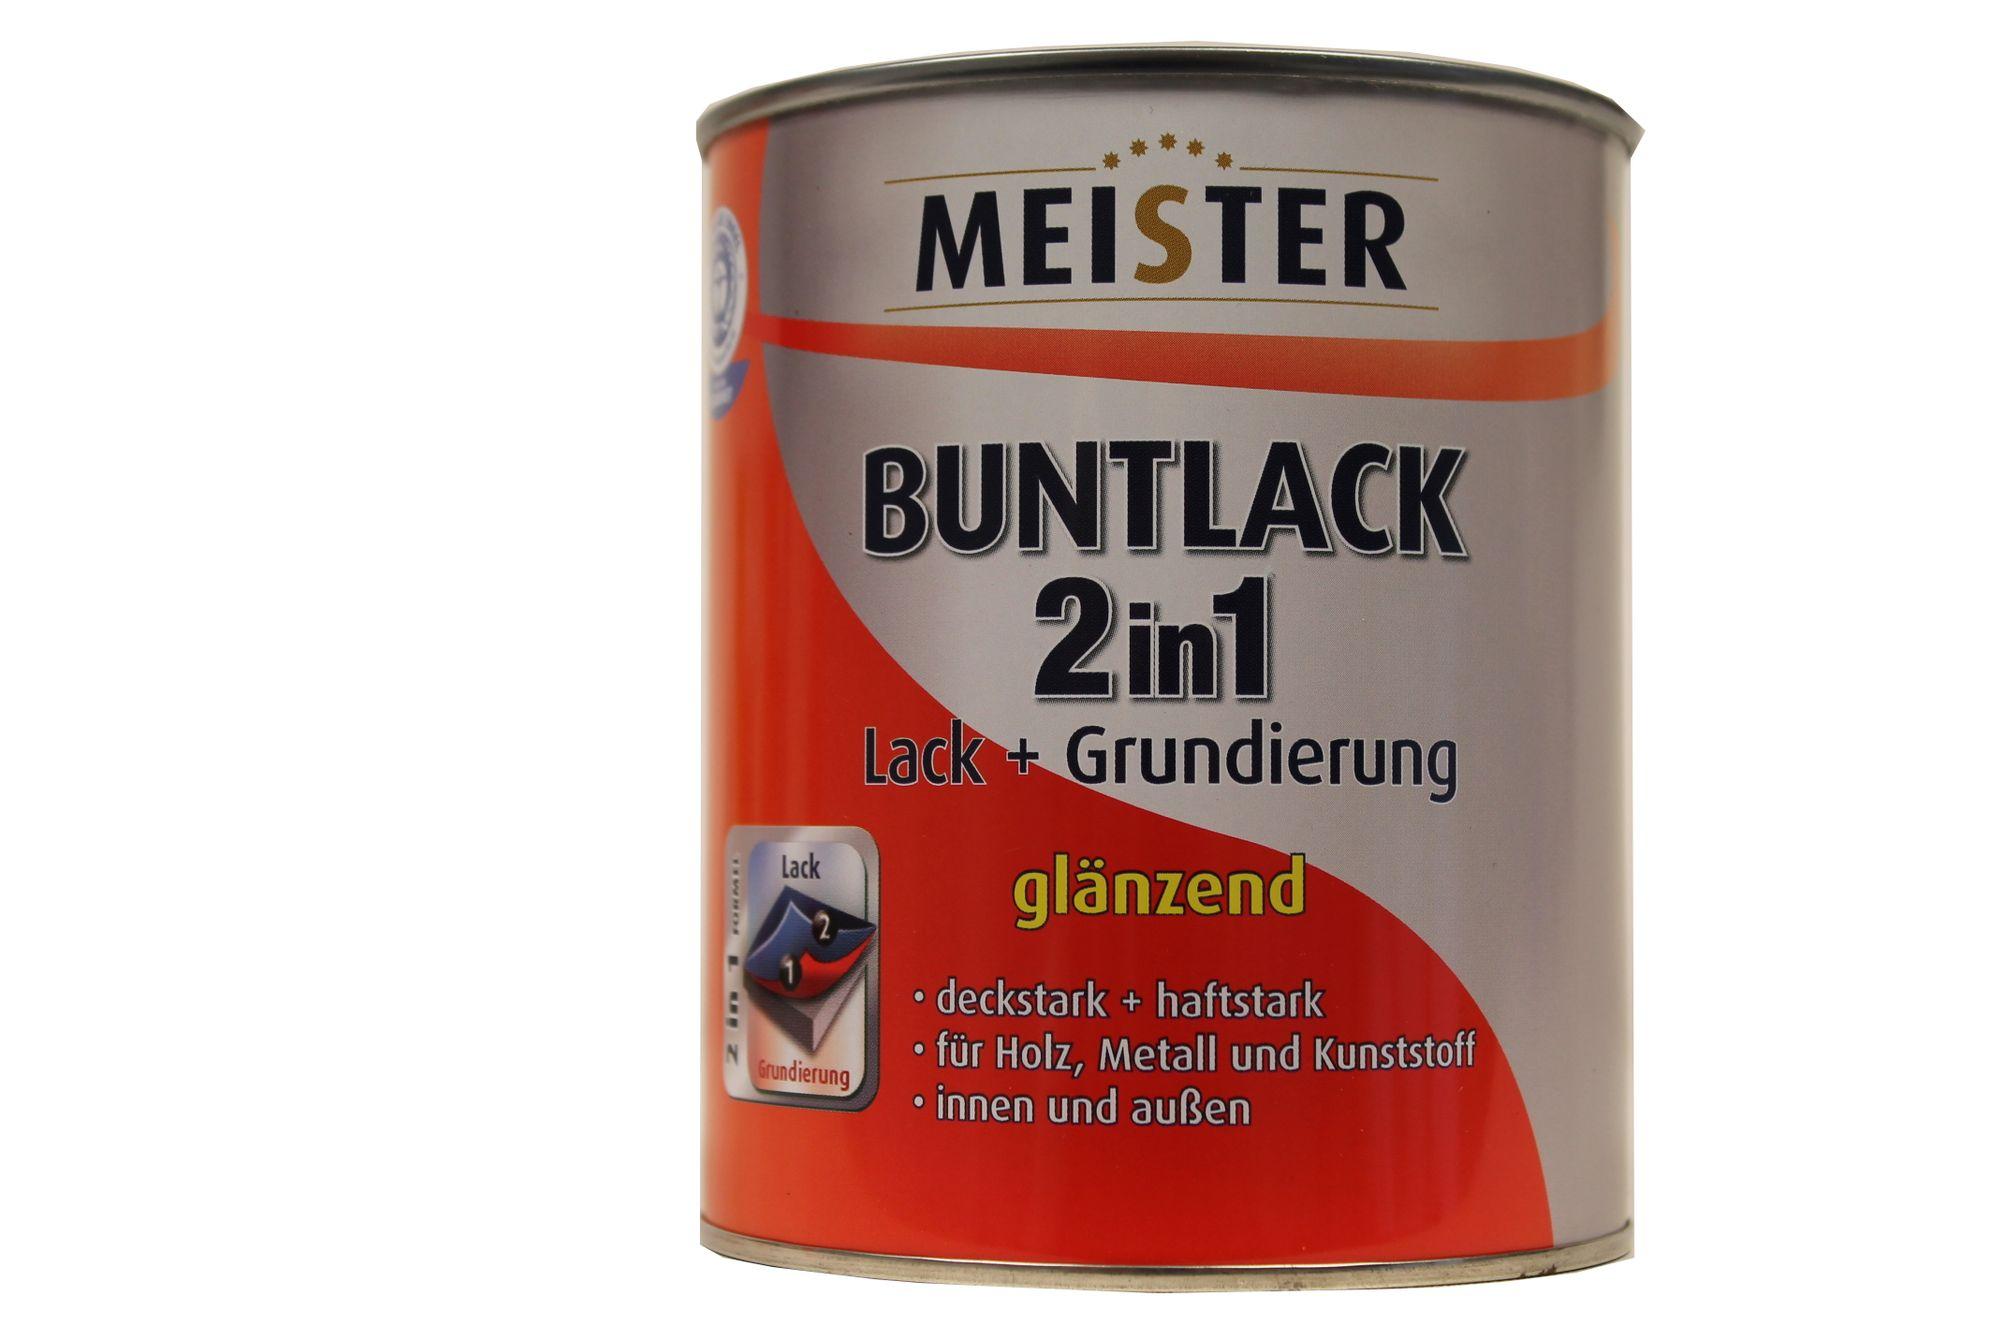 meister buntlack 2in1 lack+grundierung innen&außen glänzend 0.75 l